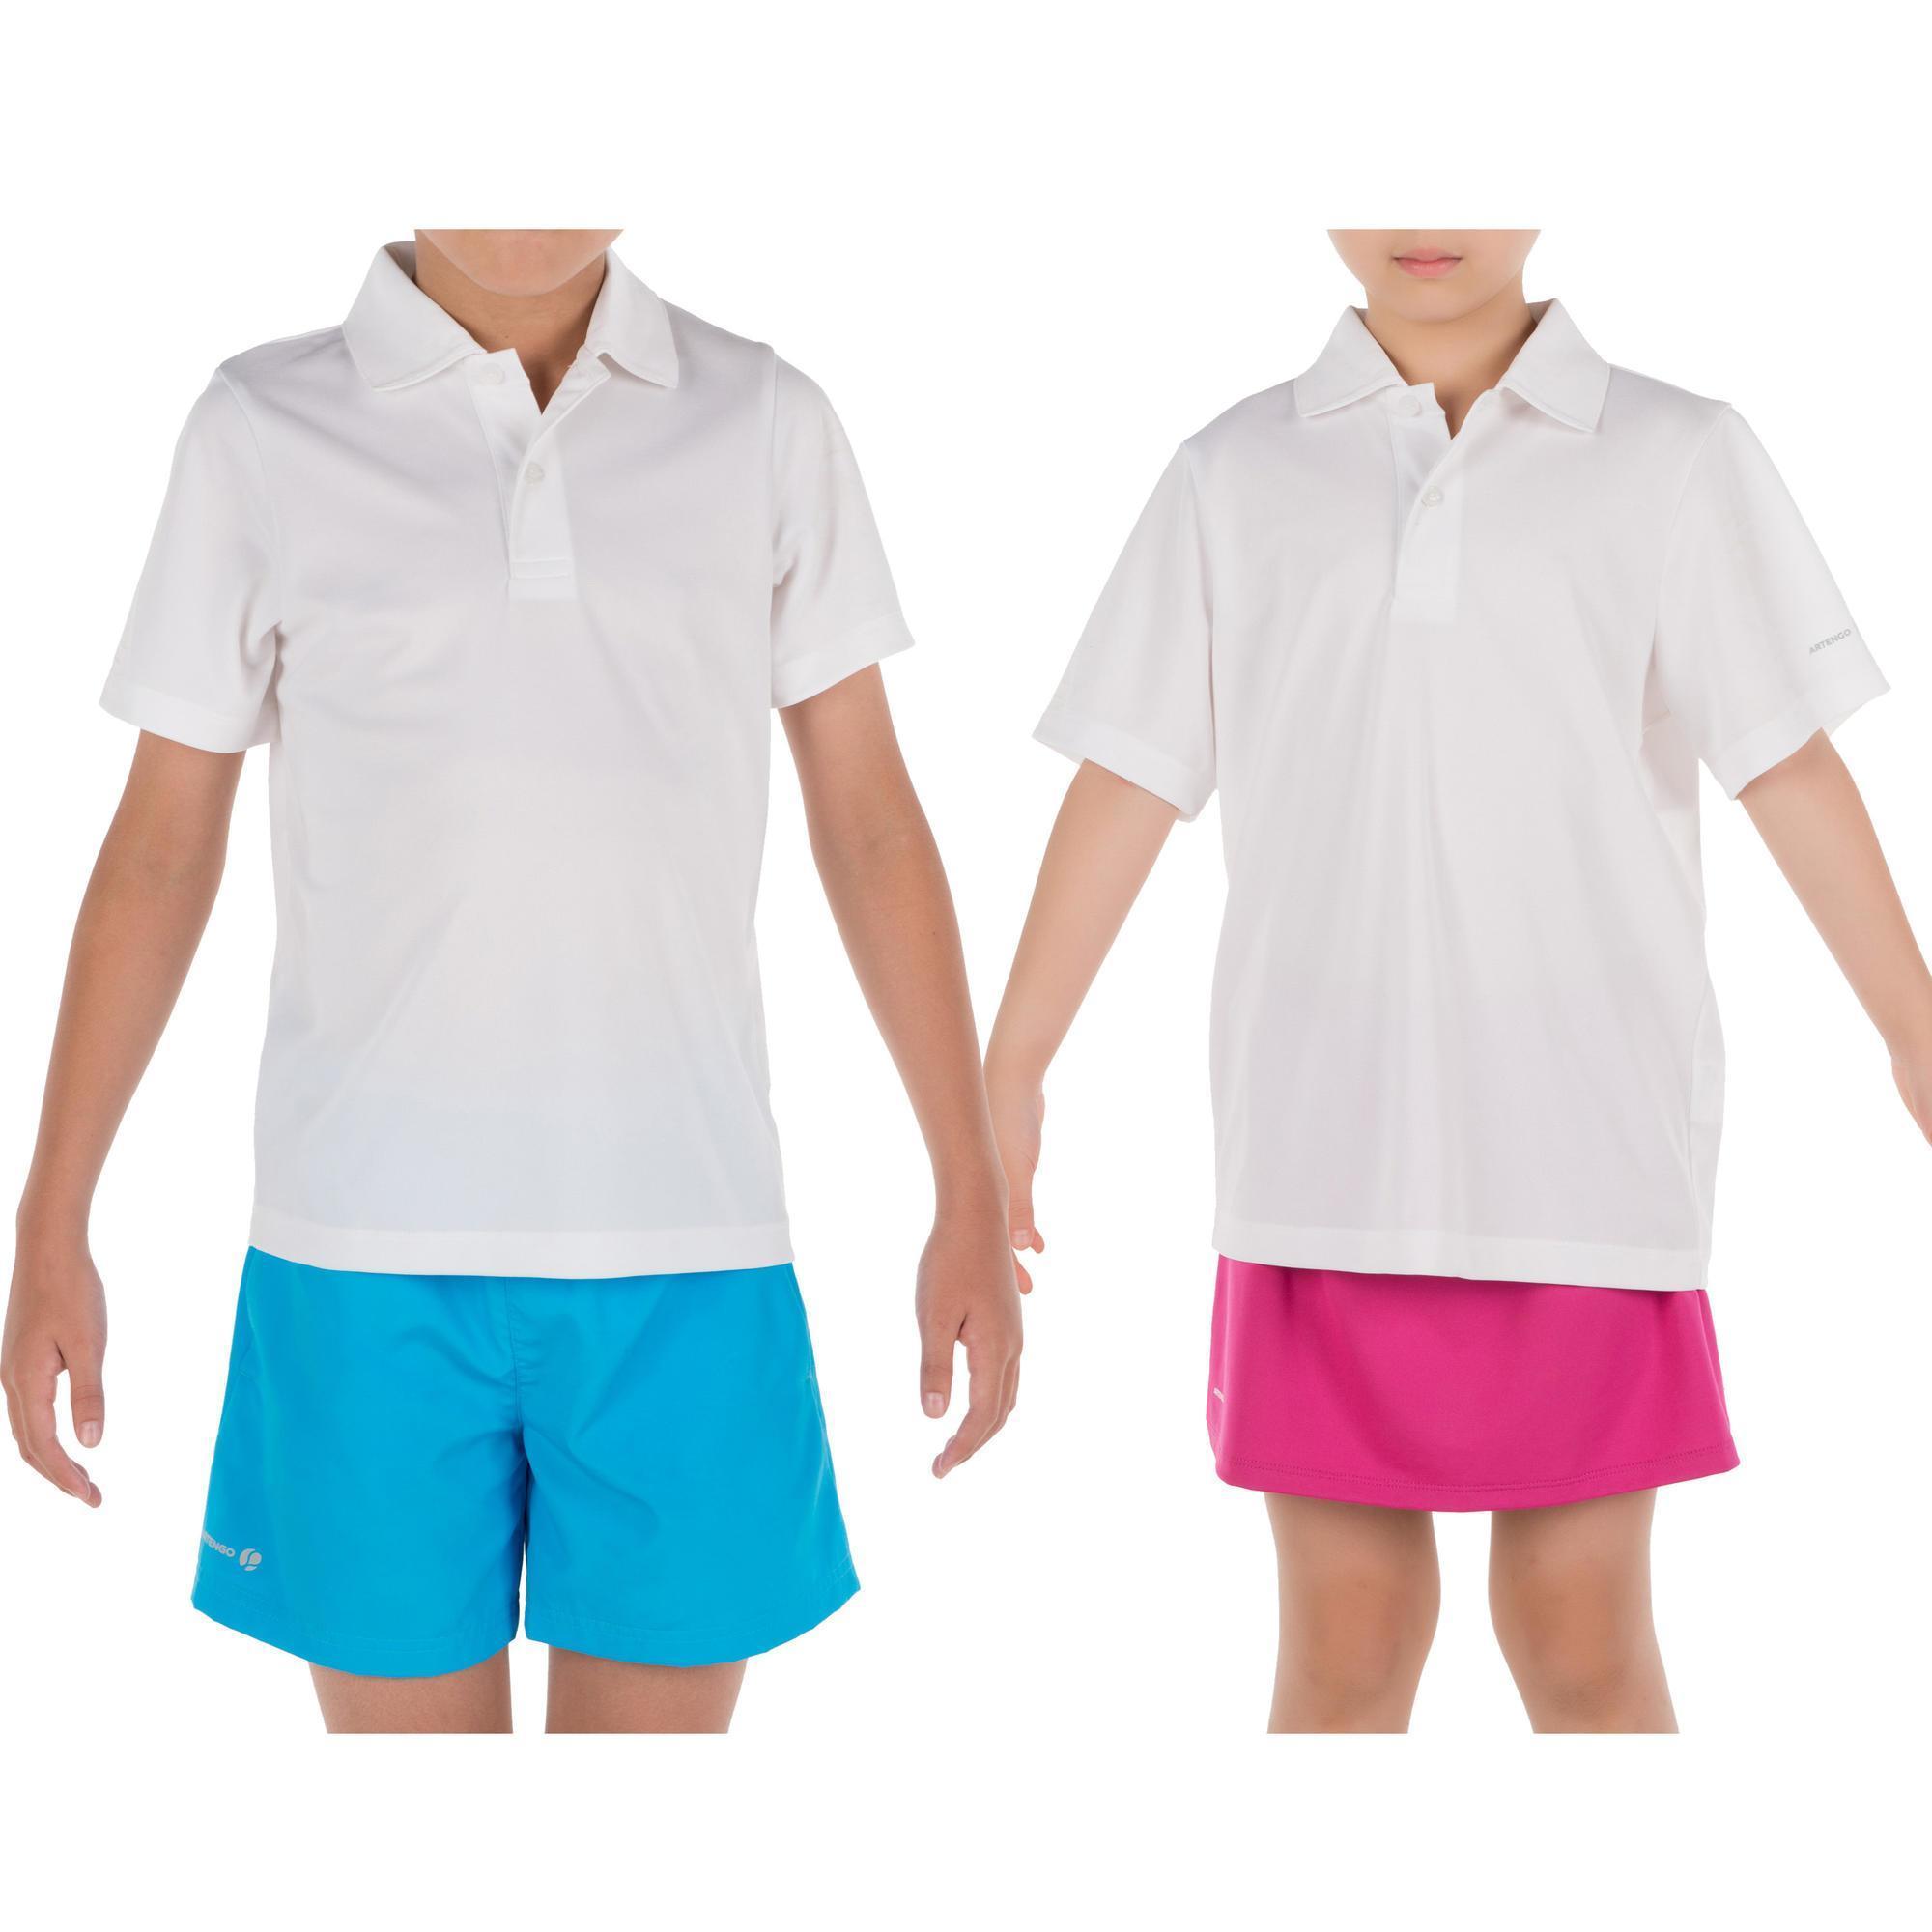 Excelente calidad muchas opciones de comprar Comprar Ropa de tenis para niños online   Decathlon